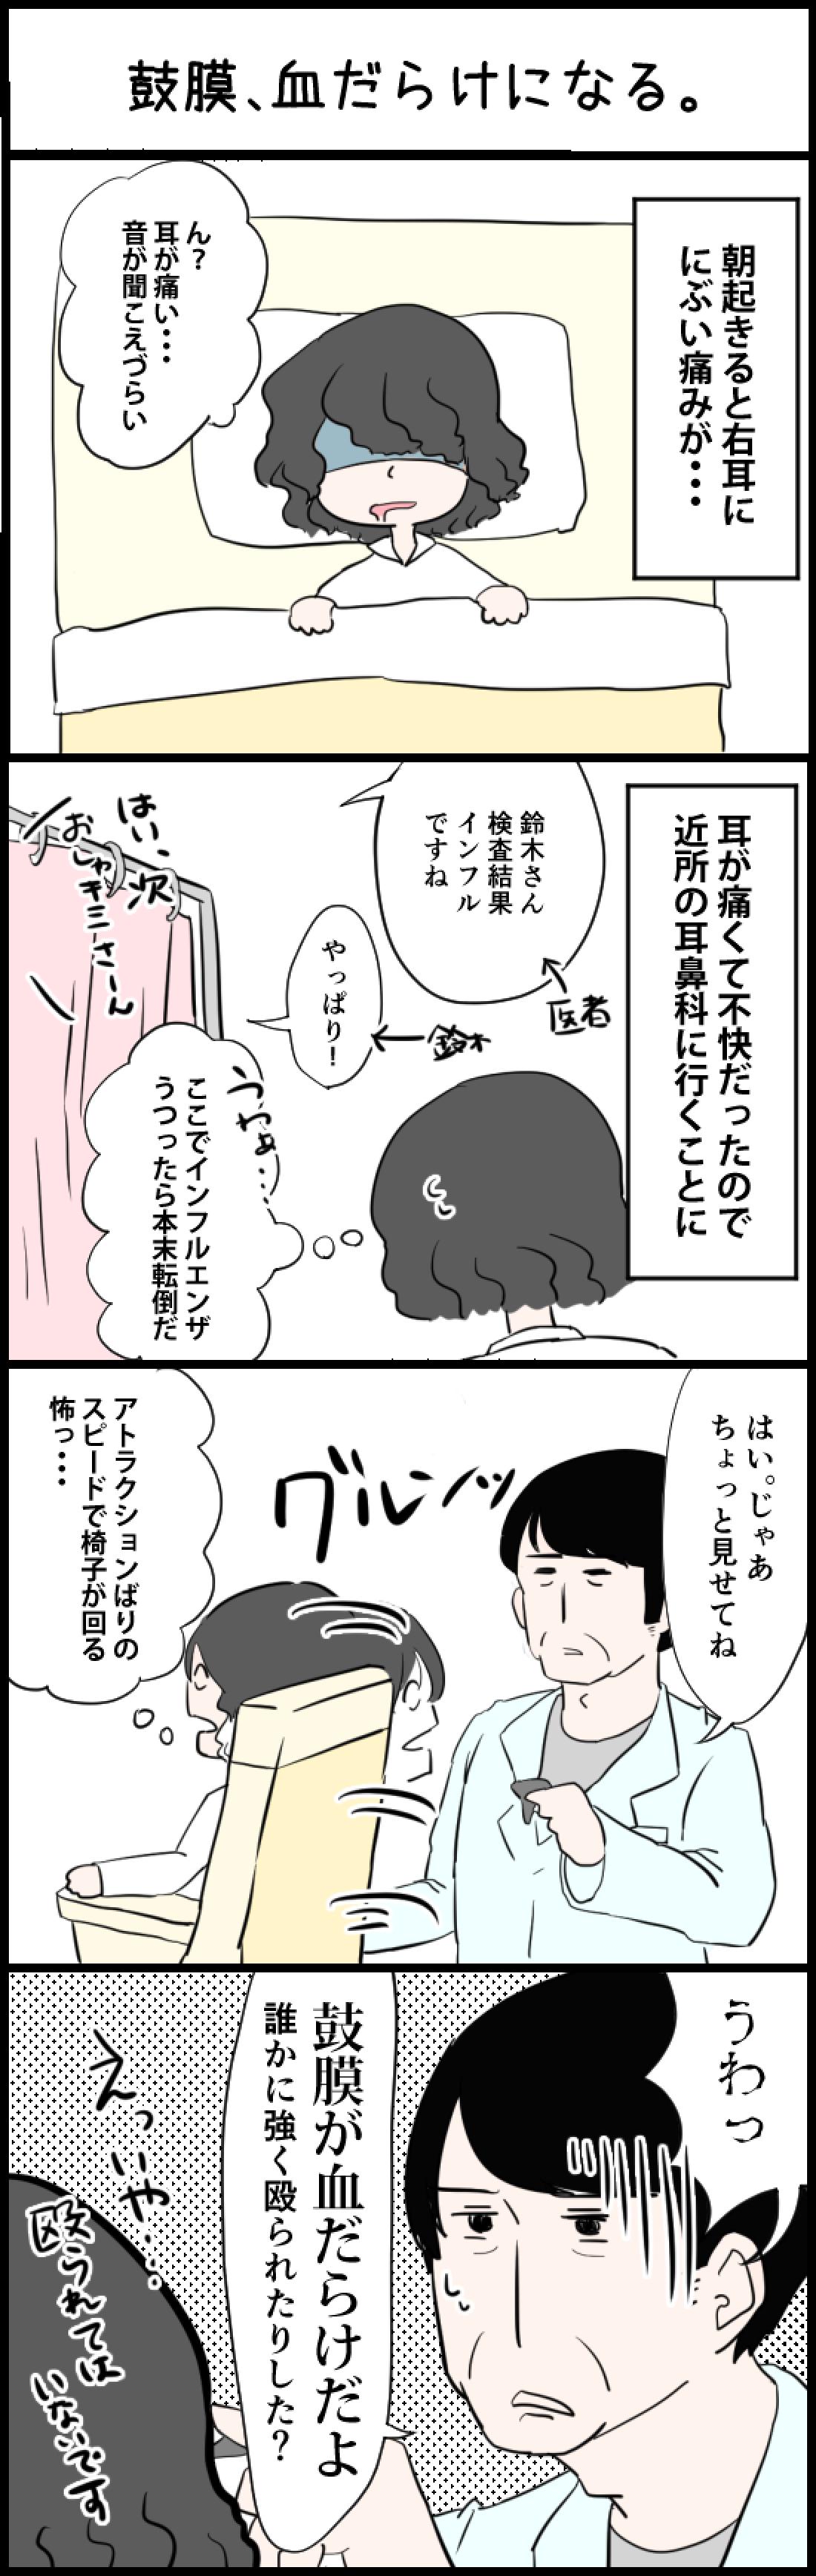 耳鼻科4コマ